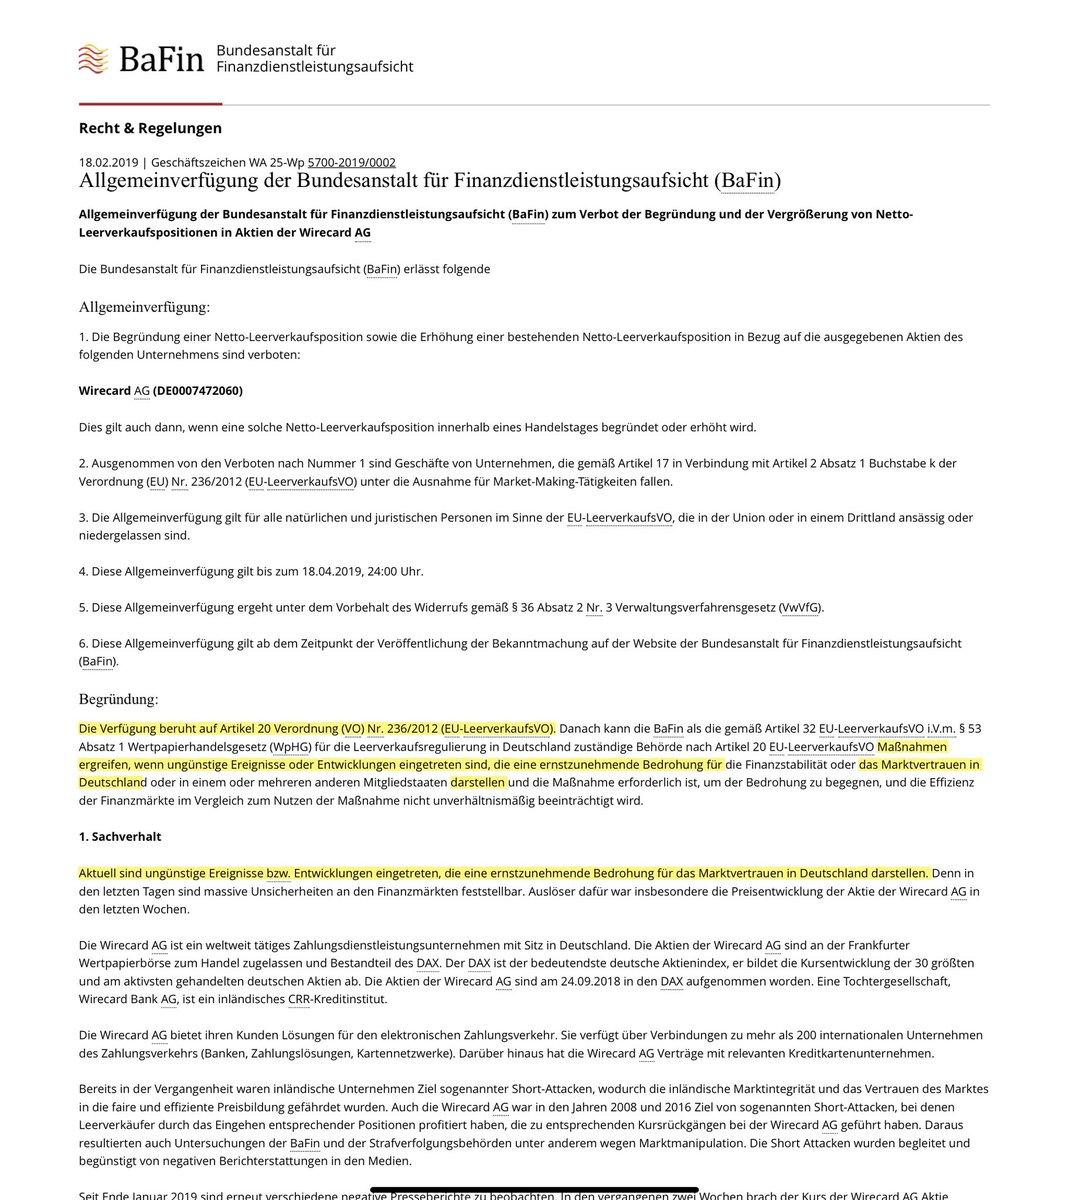 """@FlorianMKern Wenn ich die Allgemeinverfügung richtig lese, dass hat die BaFin sich auf Art. 20 der EU-LeerverkaufsVO gestützt mit dem Argument, dass die Ereignisse """"eine ernstzunehmende Bedrohung für das Marktvertrauen in Deutschland"""" darstellten. bafin.de/SharedDocs/Ver…"""